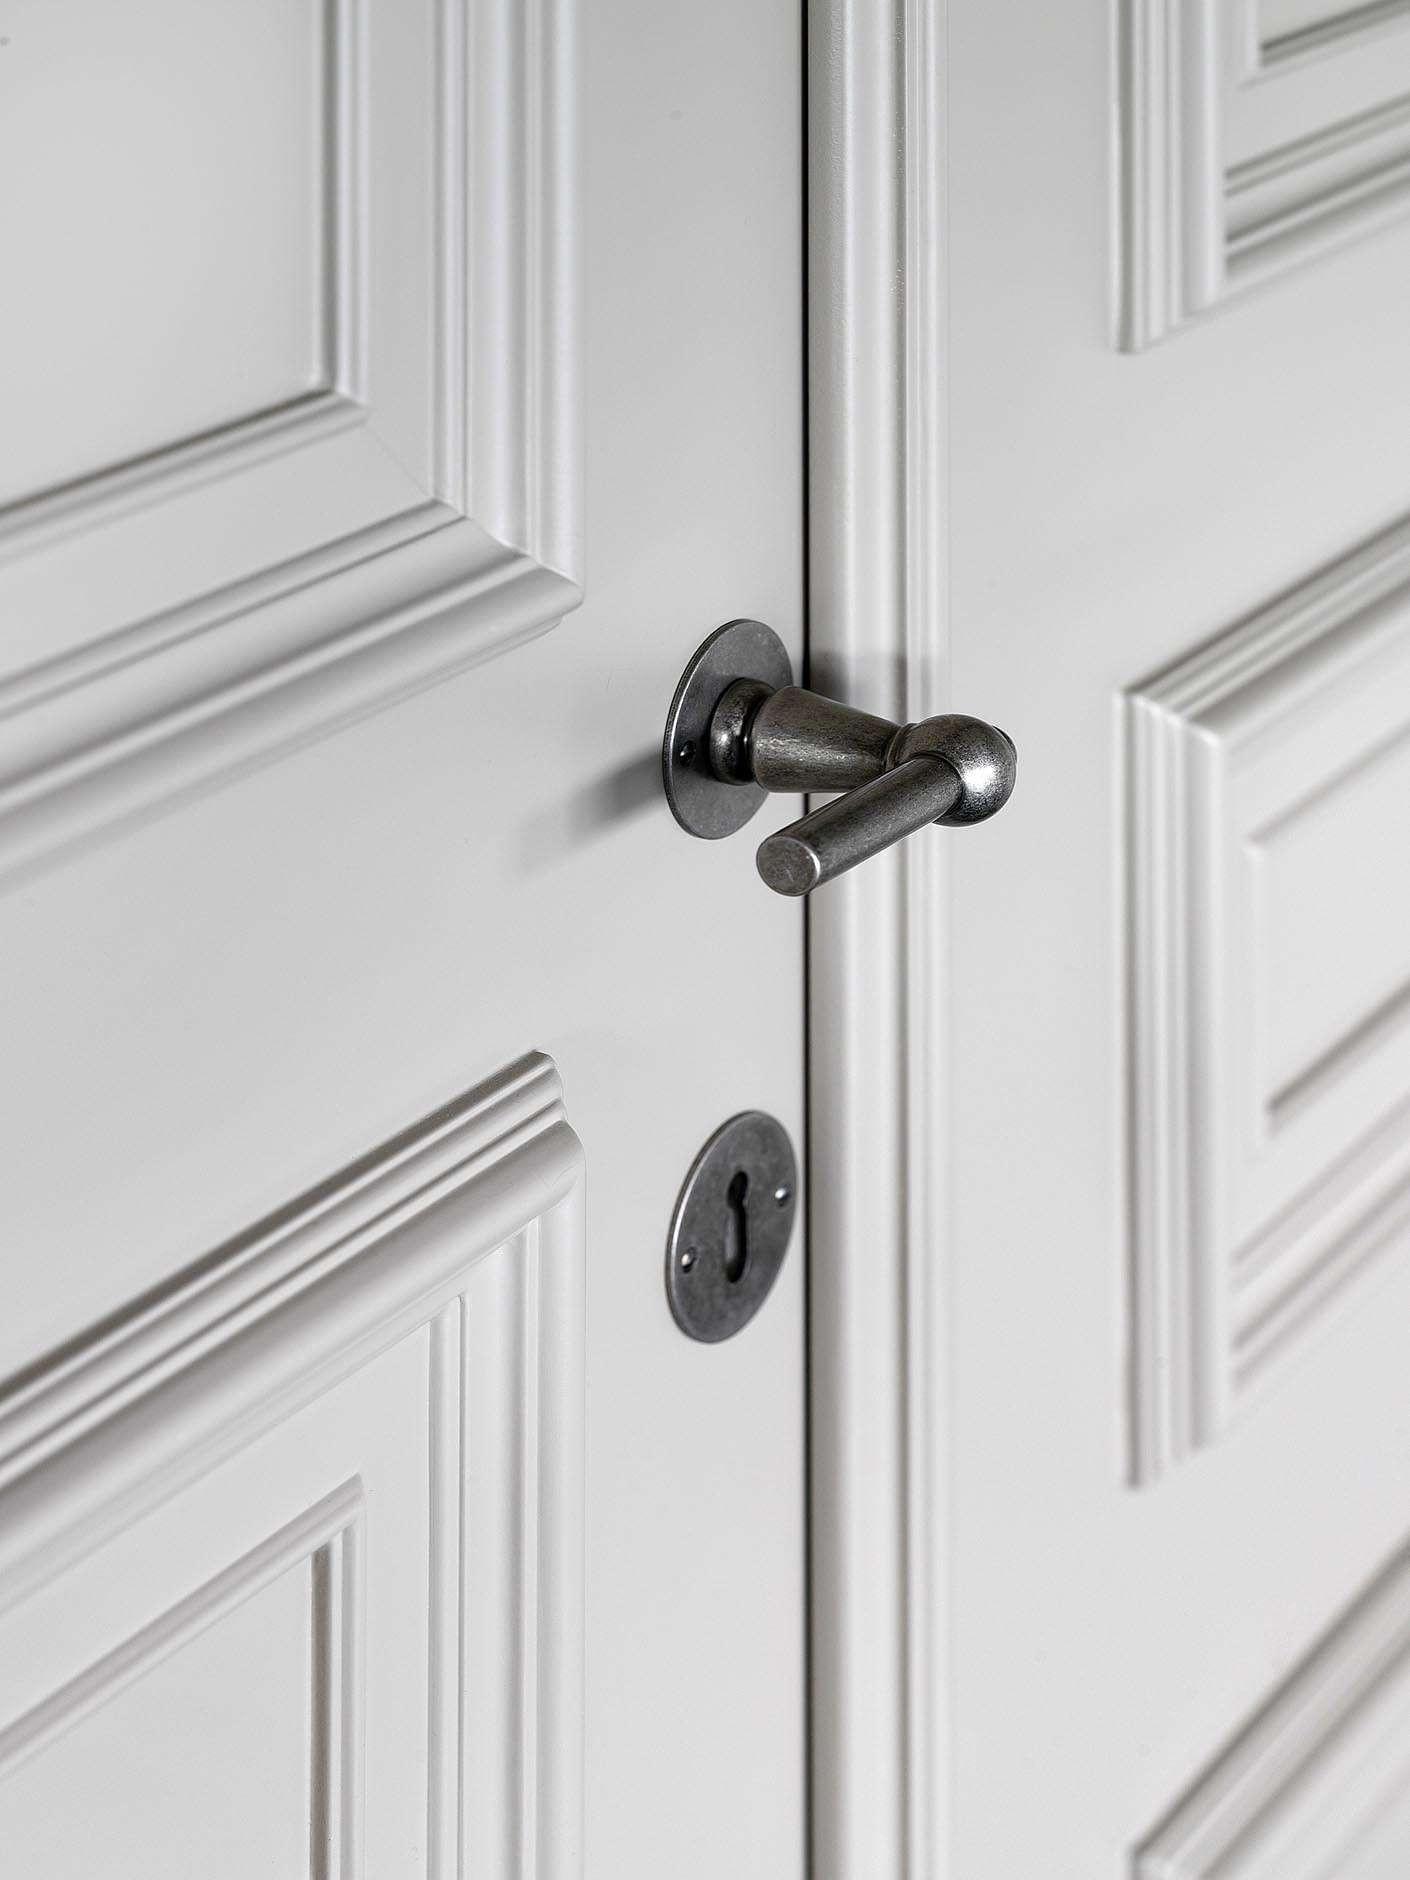 detail-binnendeur-deurklink